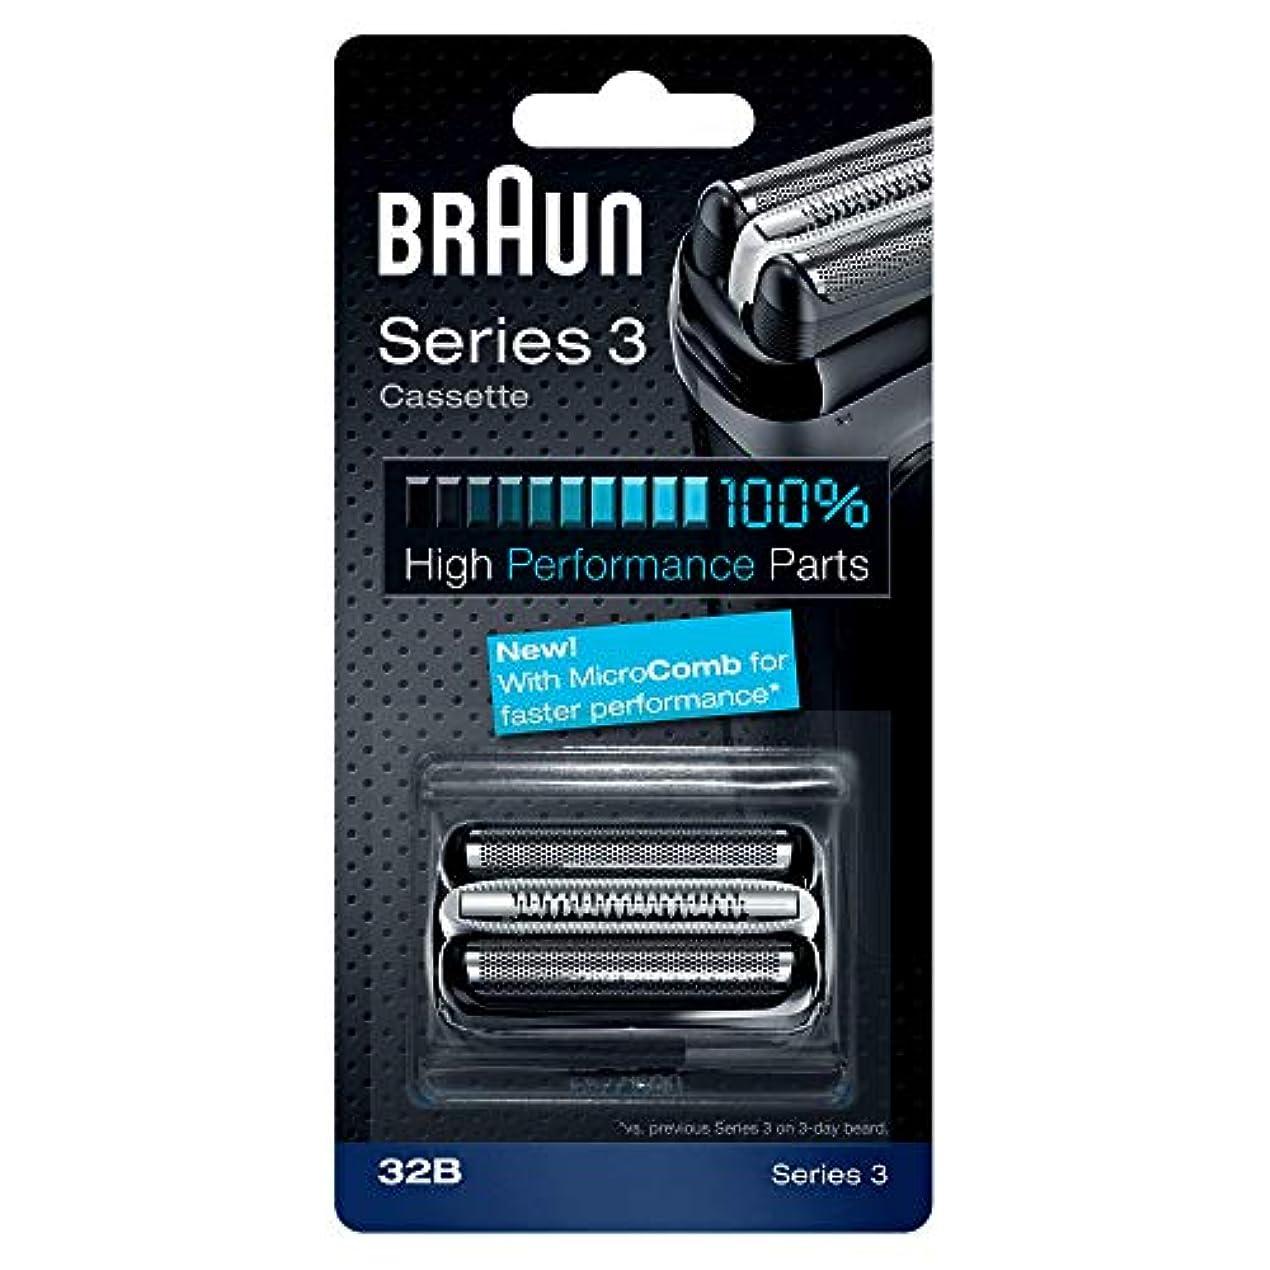 相手影響力のあるアニメーションBRAUN 32B Series 3 Shaver Cassette MicroComb交換ヘッドをフォイルカッター& [並行輸入品]